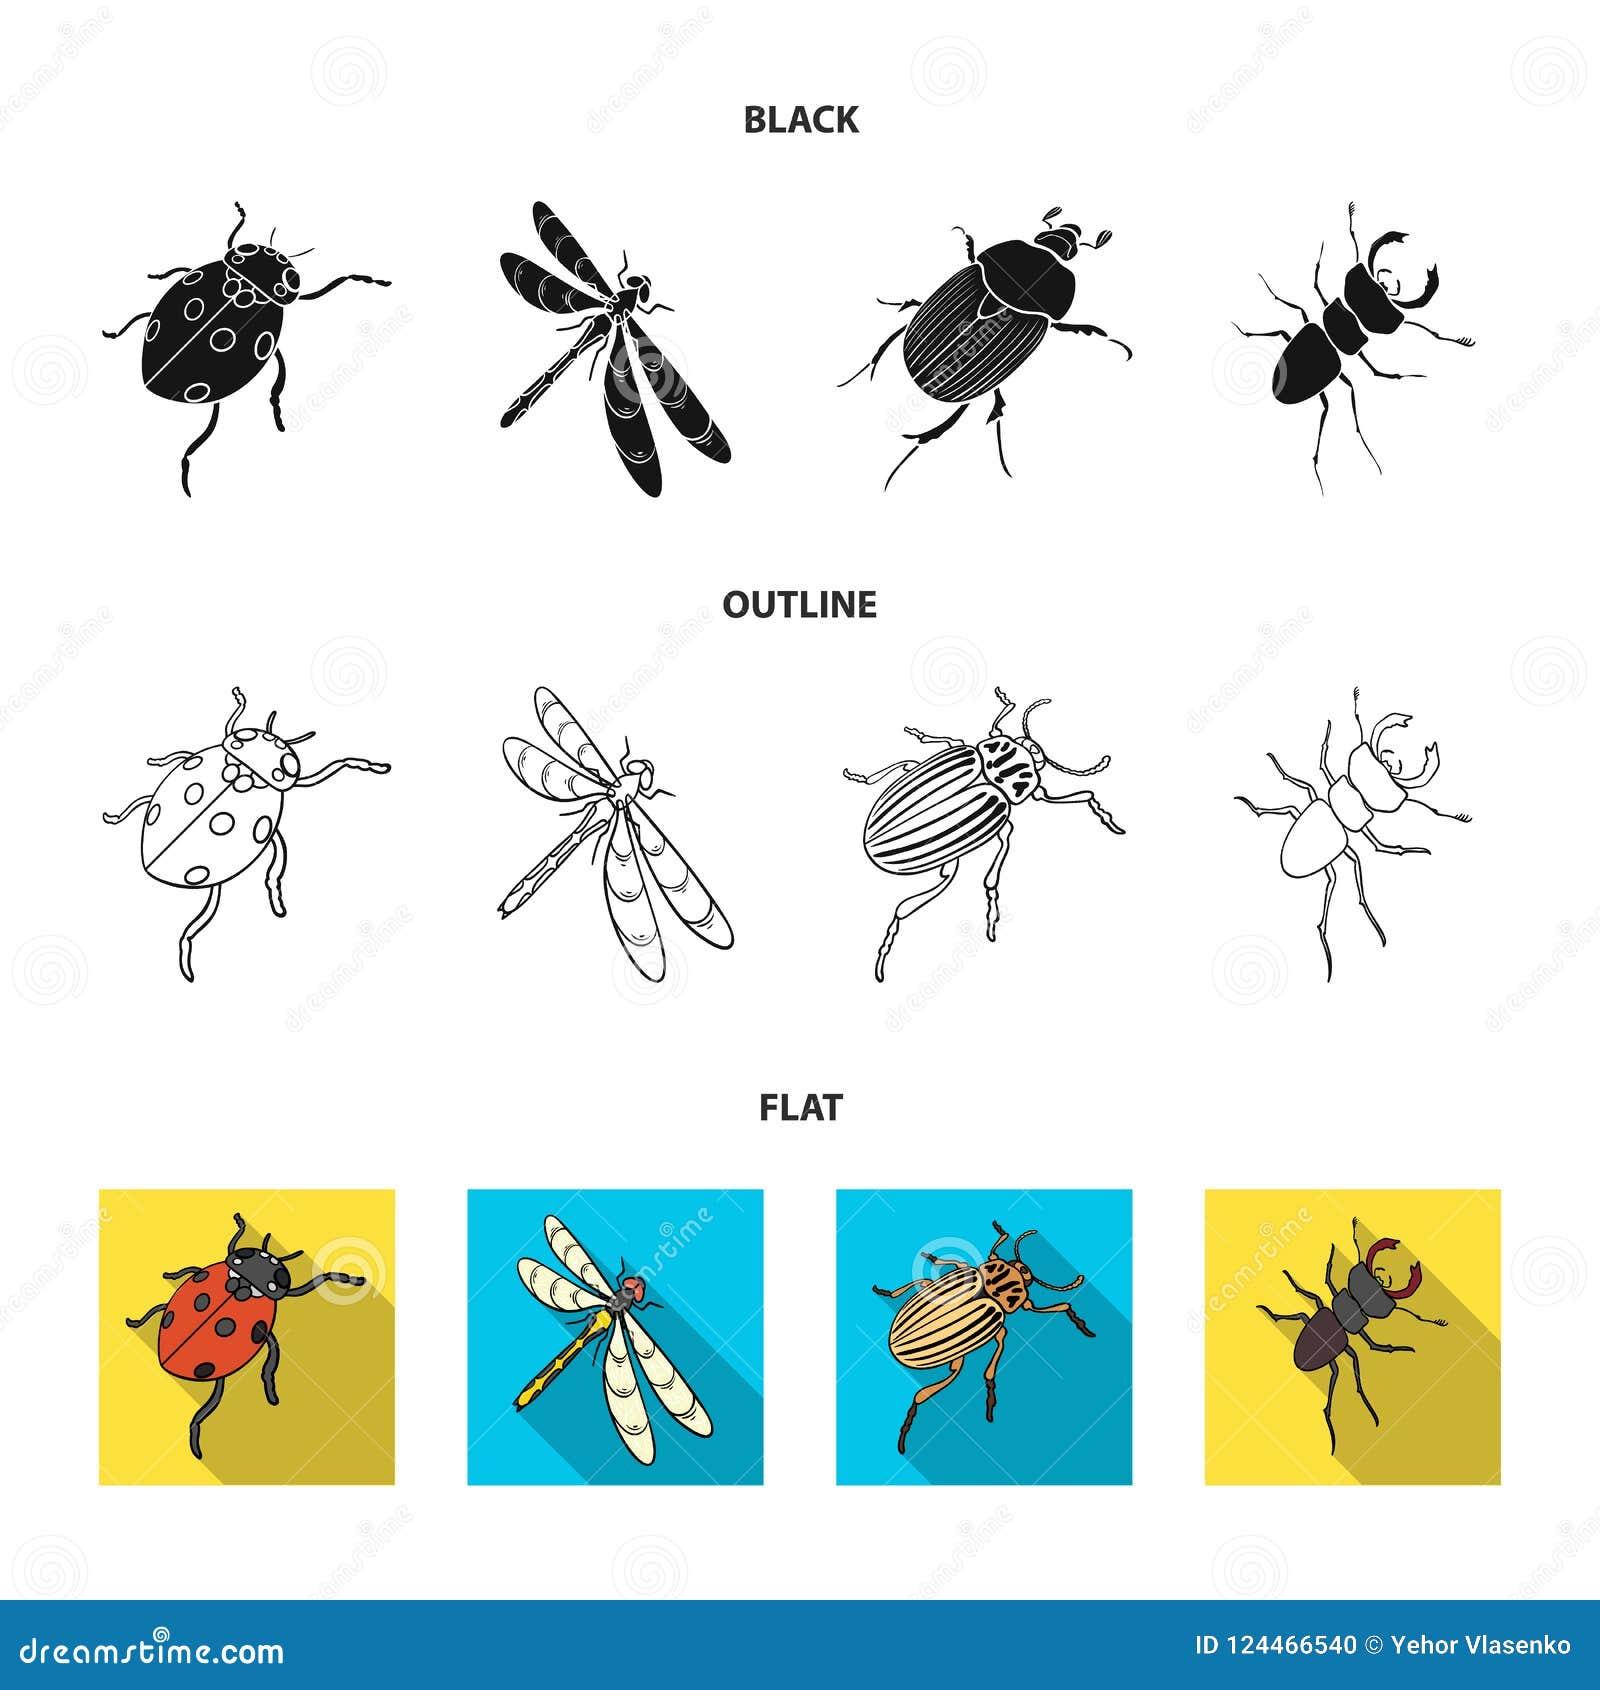 Członkonoga insekta ladybird, dragonfly, ściga, Kolorado ścigi insekt ustawiać inkasowe ikony w kreskówce projektuje wektor